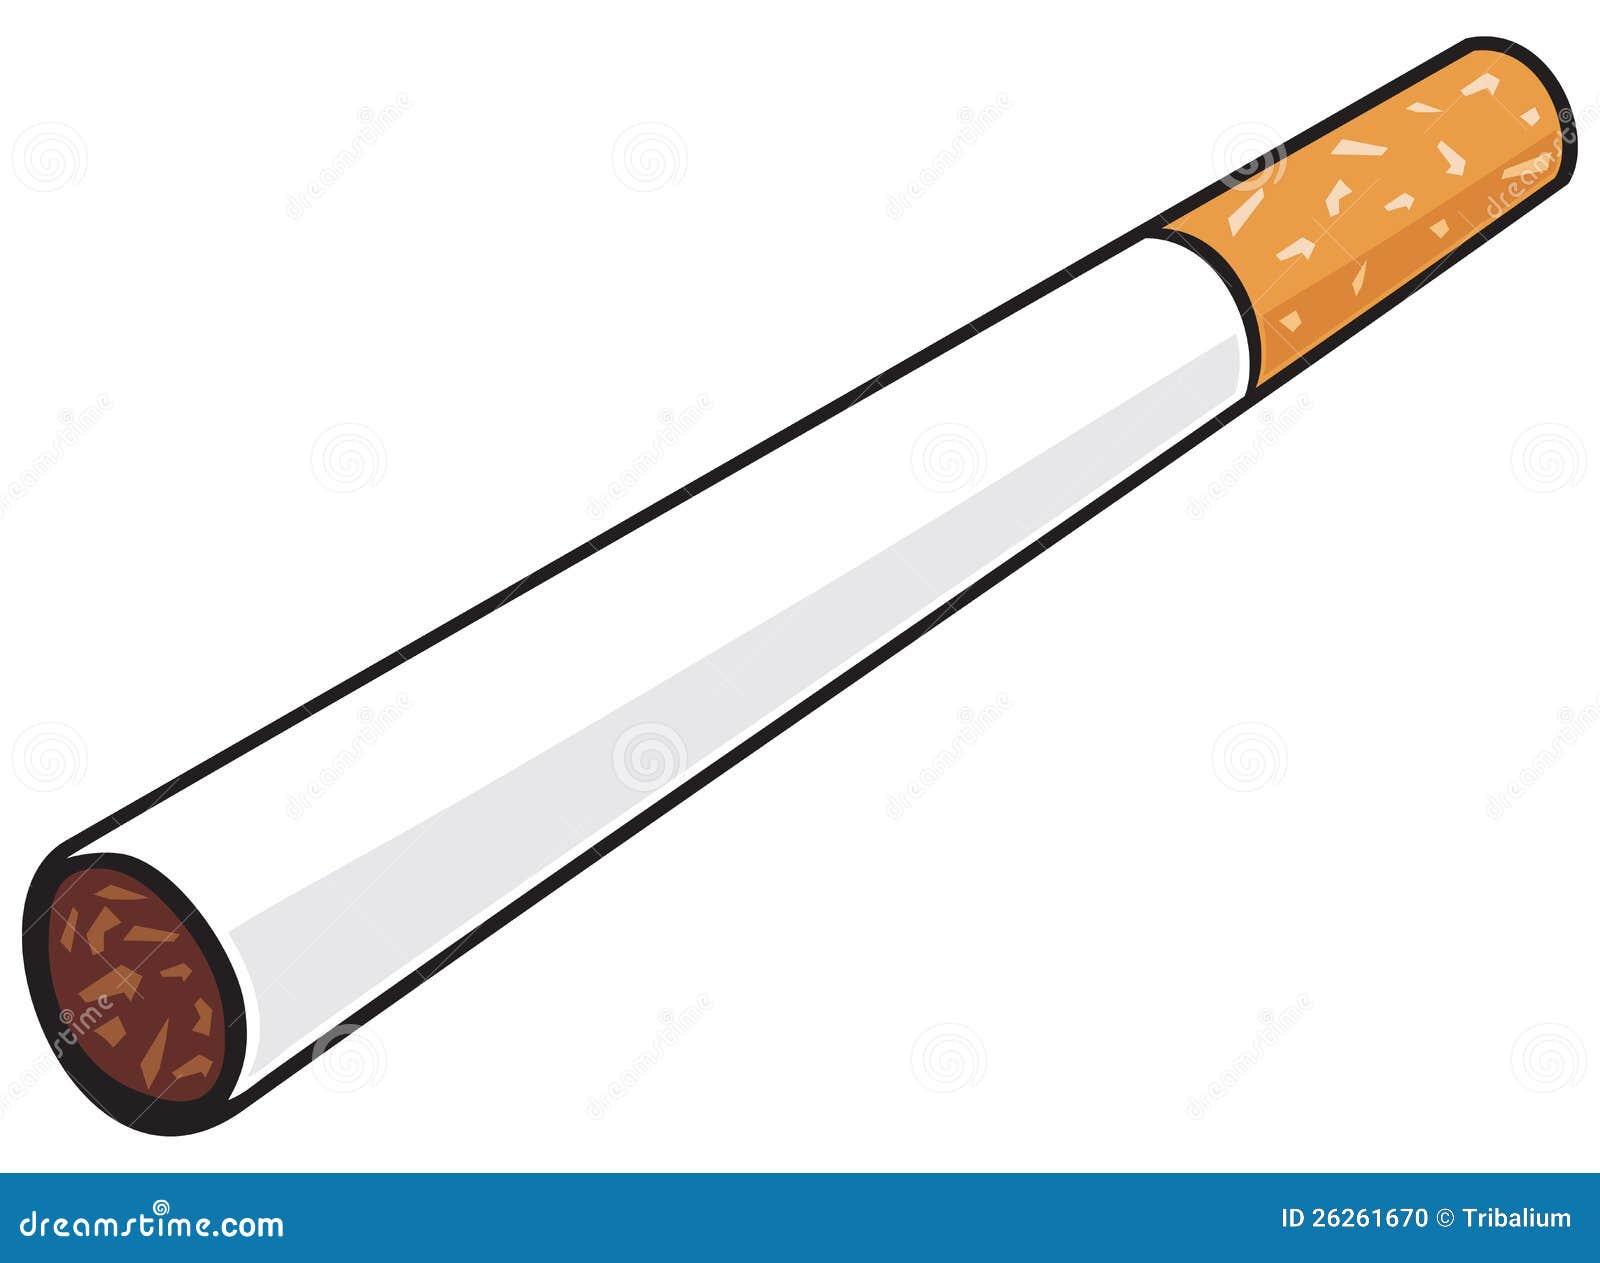 Cigarette Stock Photo - Image: 26261670